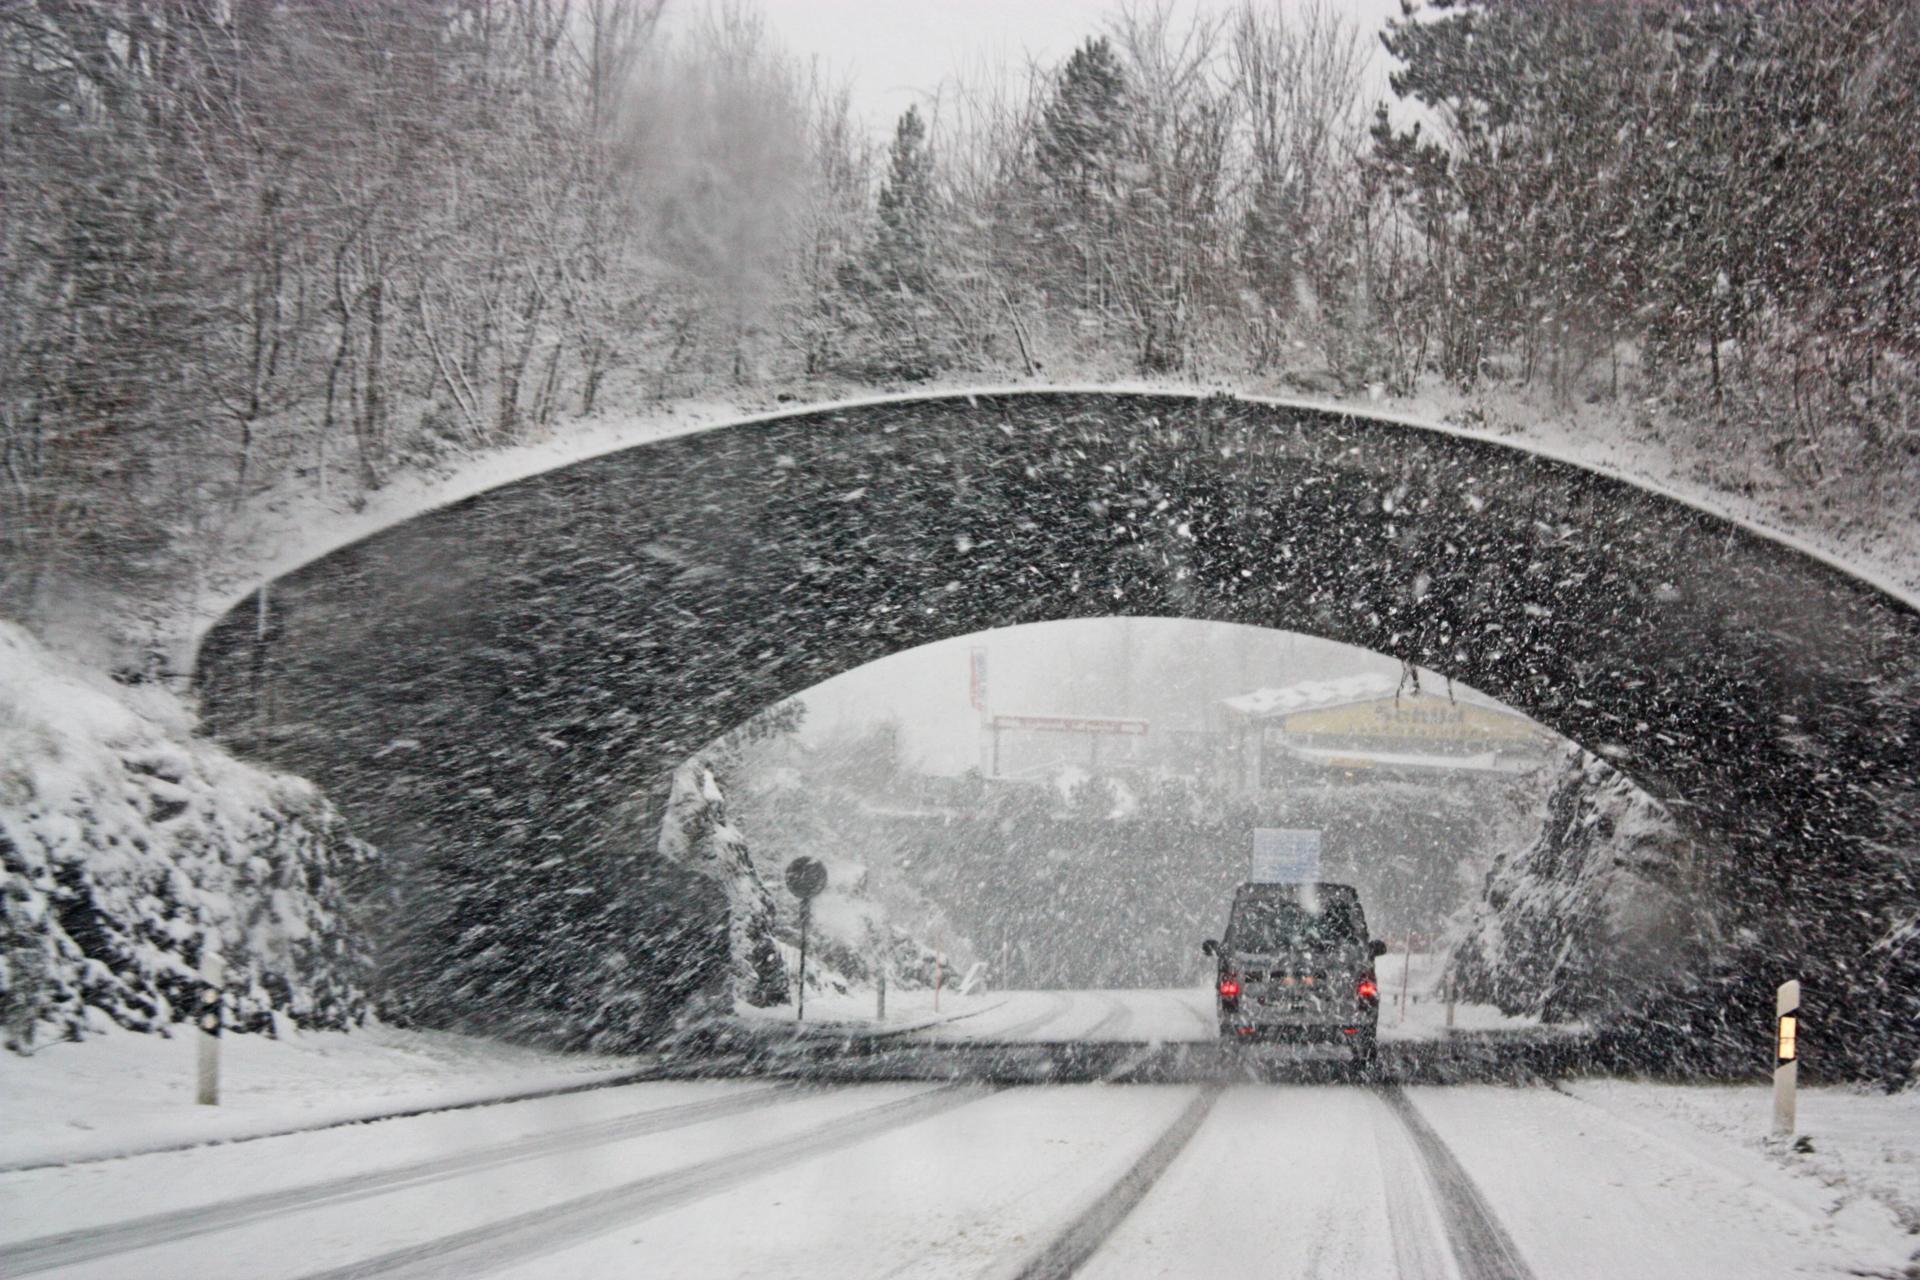 snö-självkörande fordon-dåligt väder